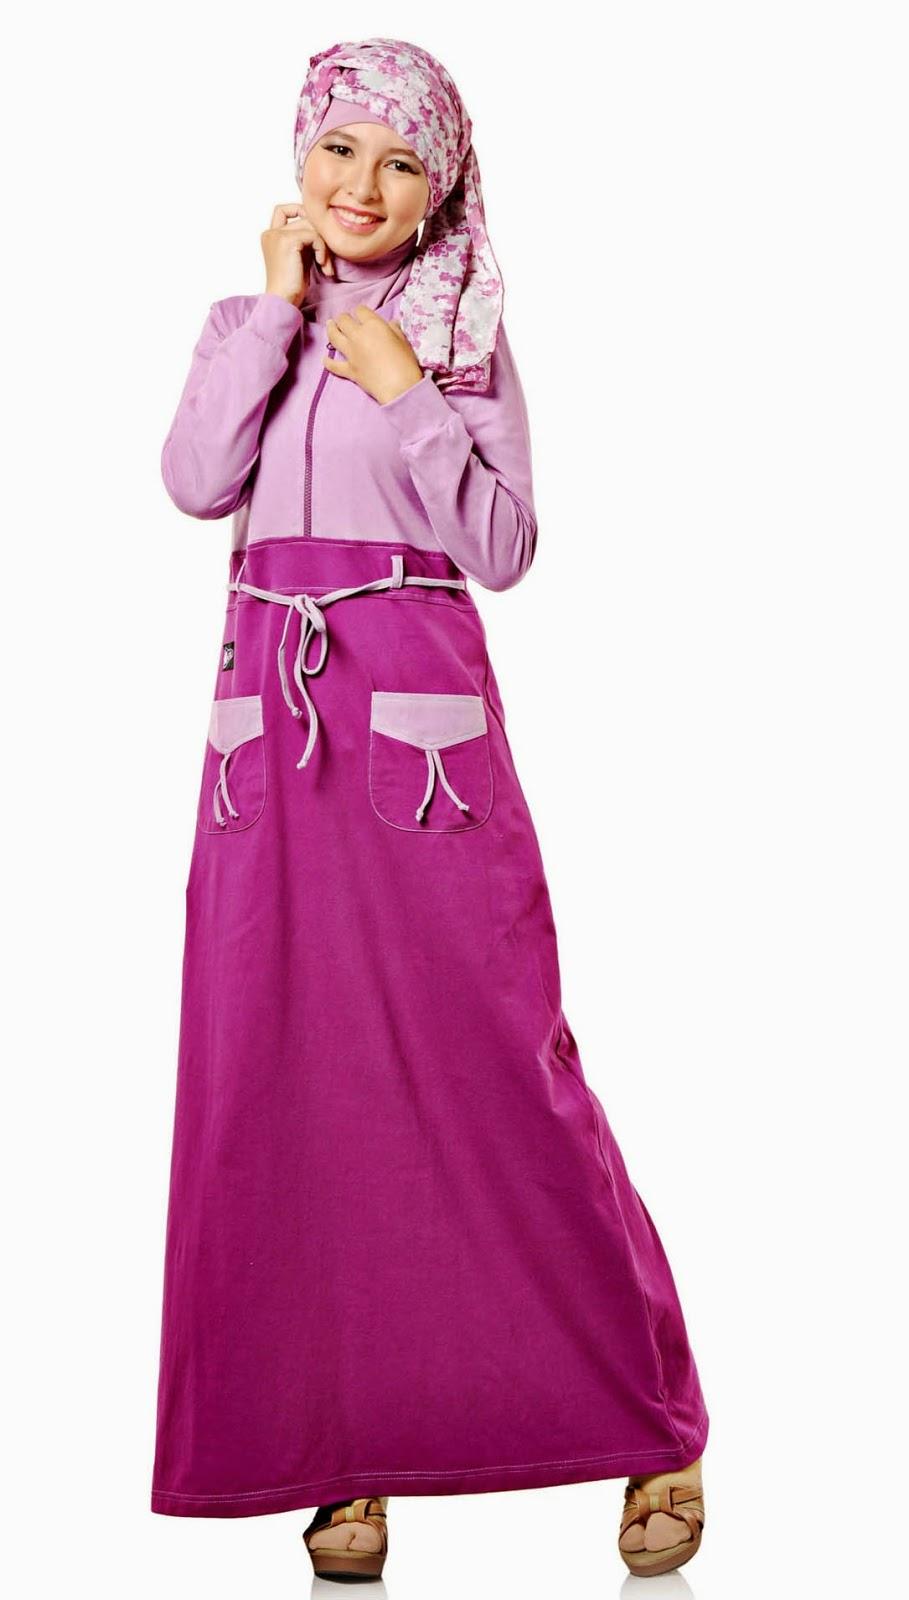 10 Model Baju Muslimah Modis Berbahan Kaos